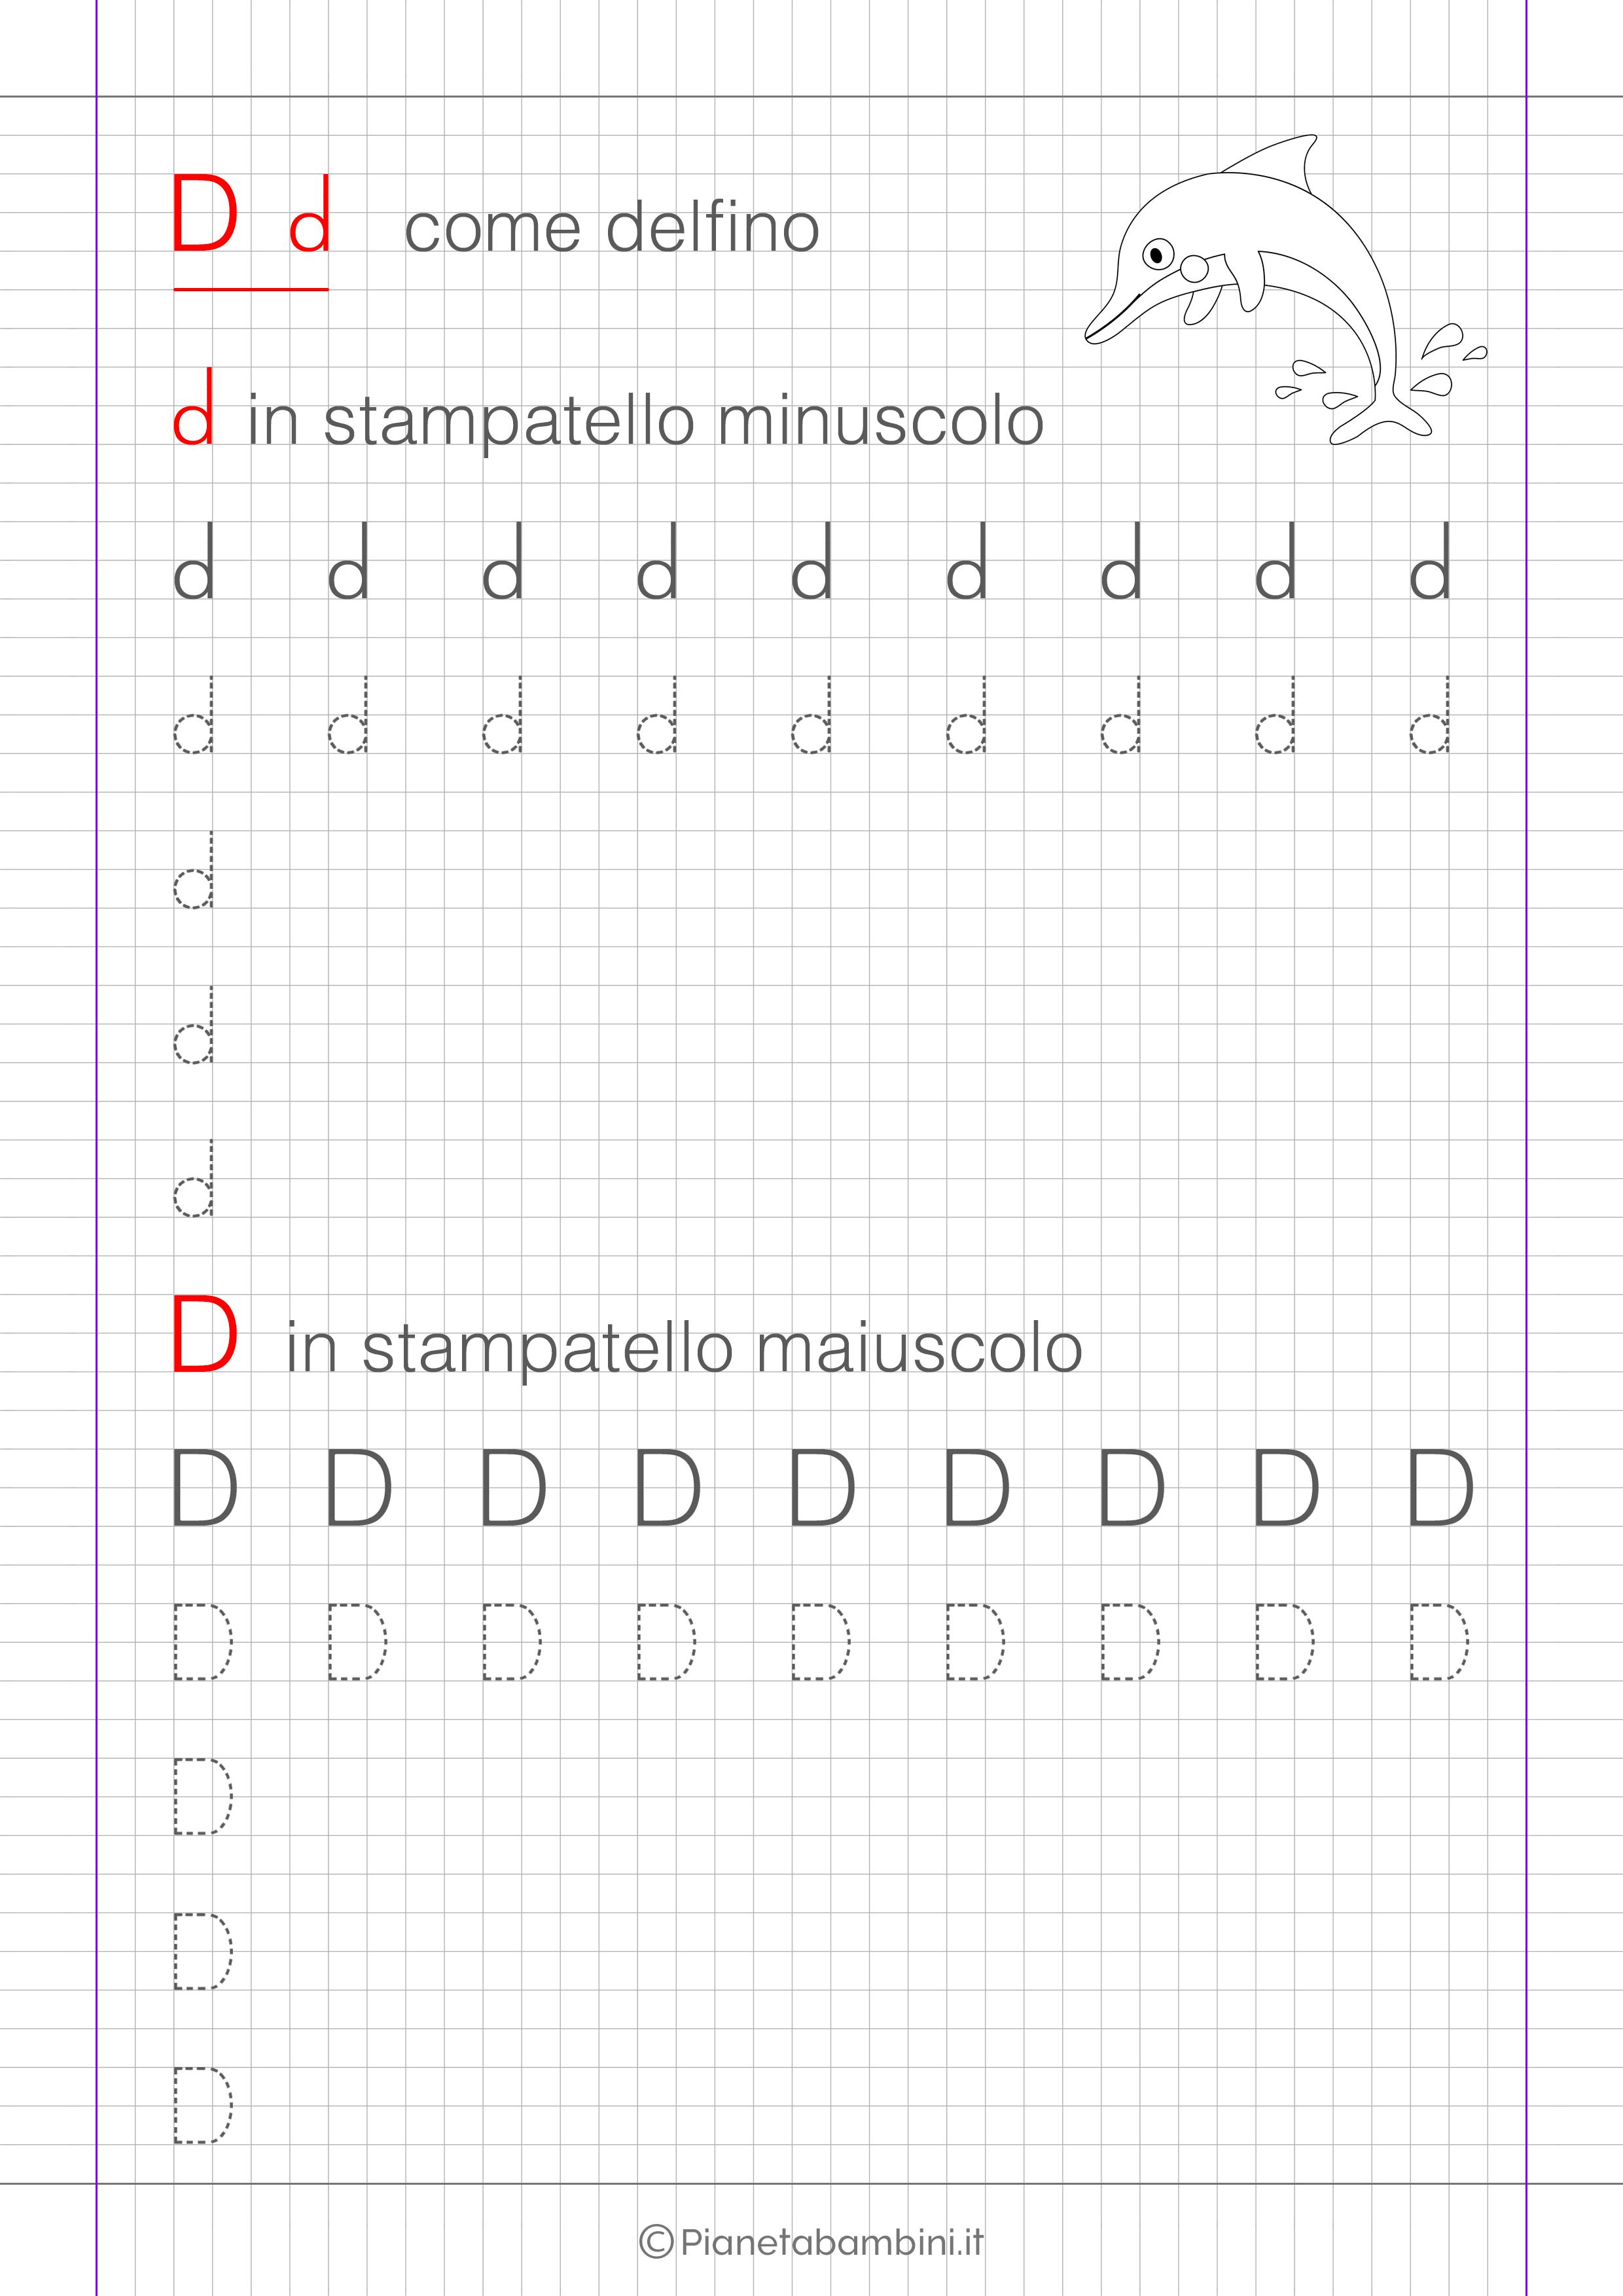 Scheda di pregrafismo lettera D in stampatello